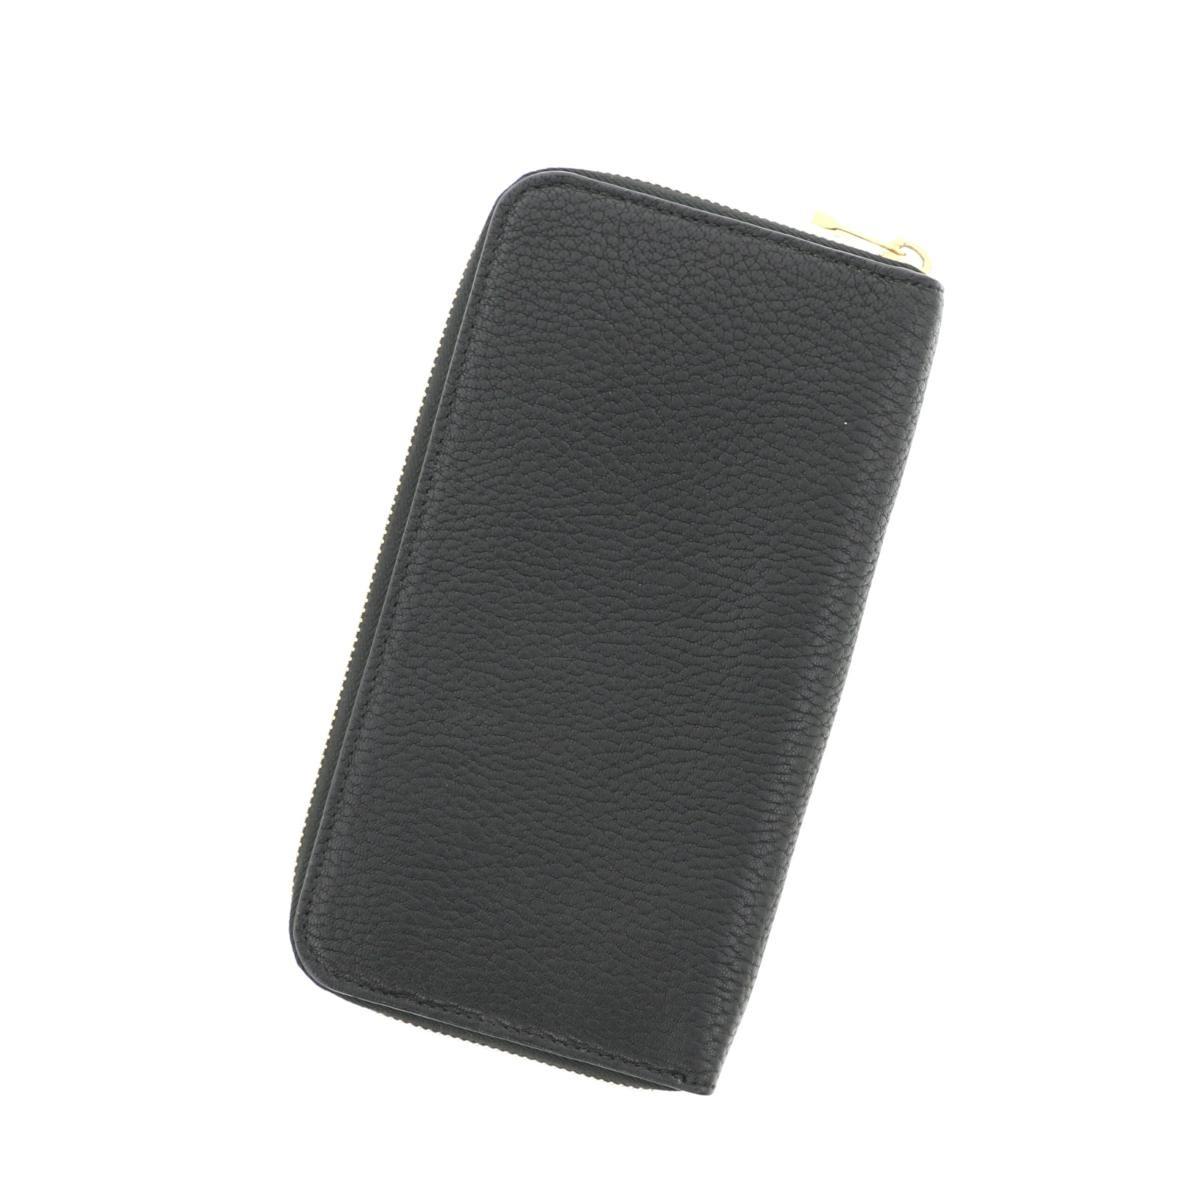 【中古】 CHLOE クロエ ラウンドファスナー 長財布 財布 長財布(小銭入有)  Black/ブラック 3P0780 used:B